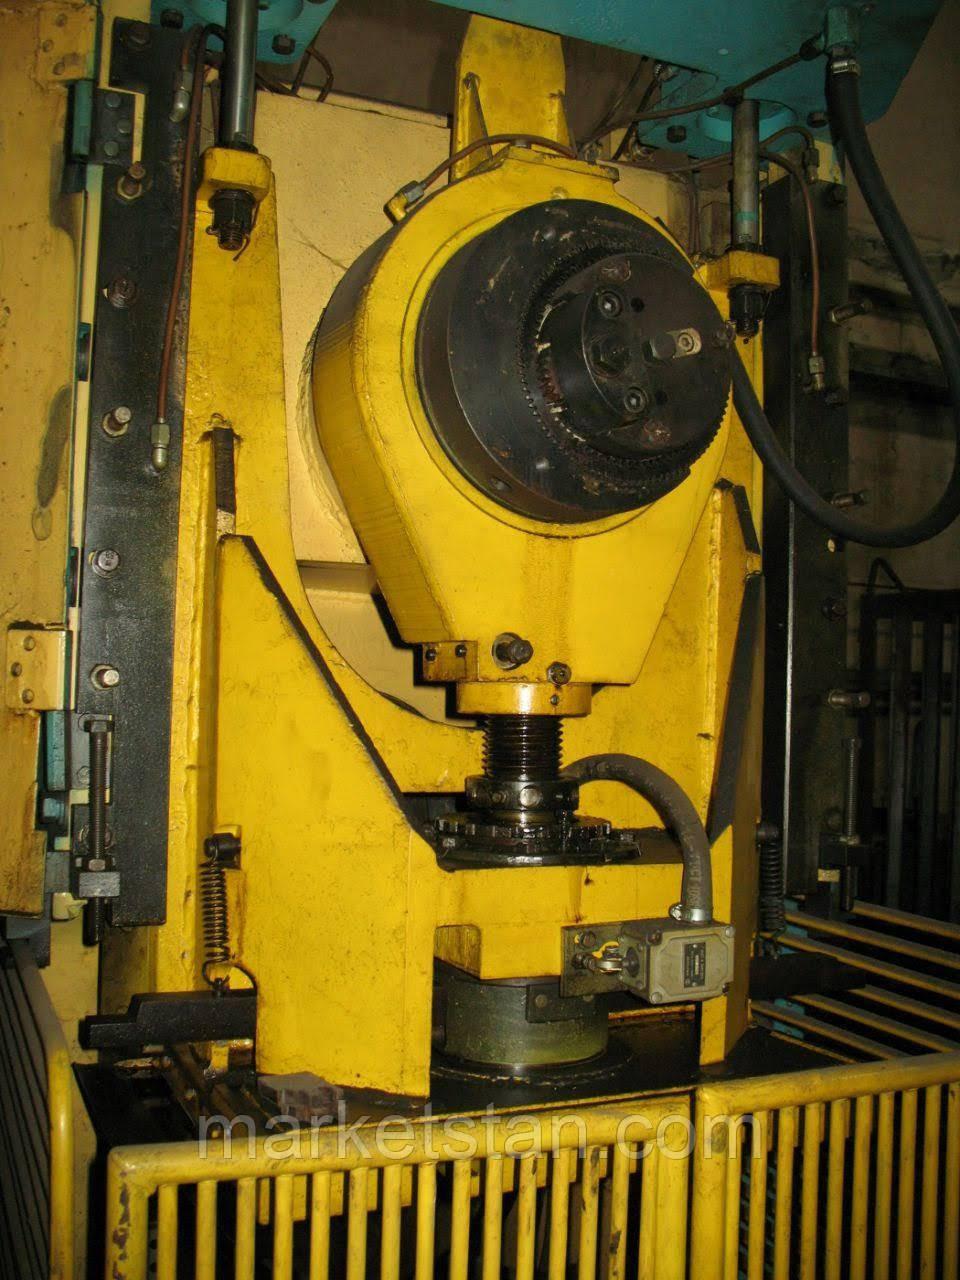 КИ2130 Пресс однокривошипный простого действия открытый, 2002 г.в.